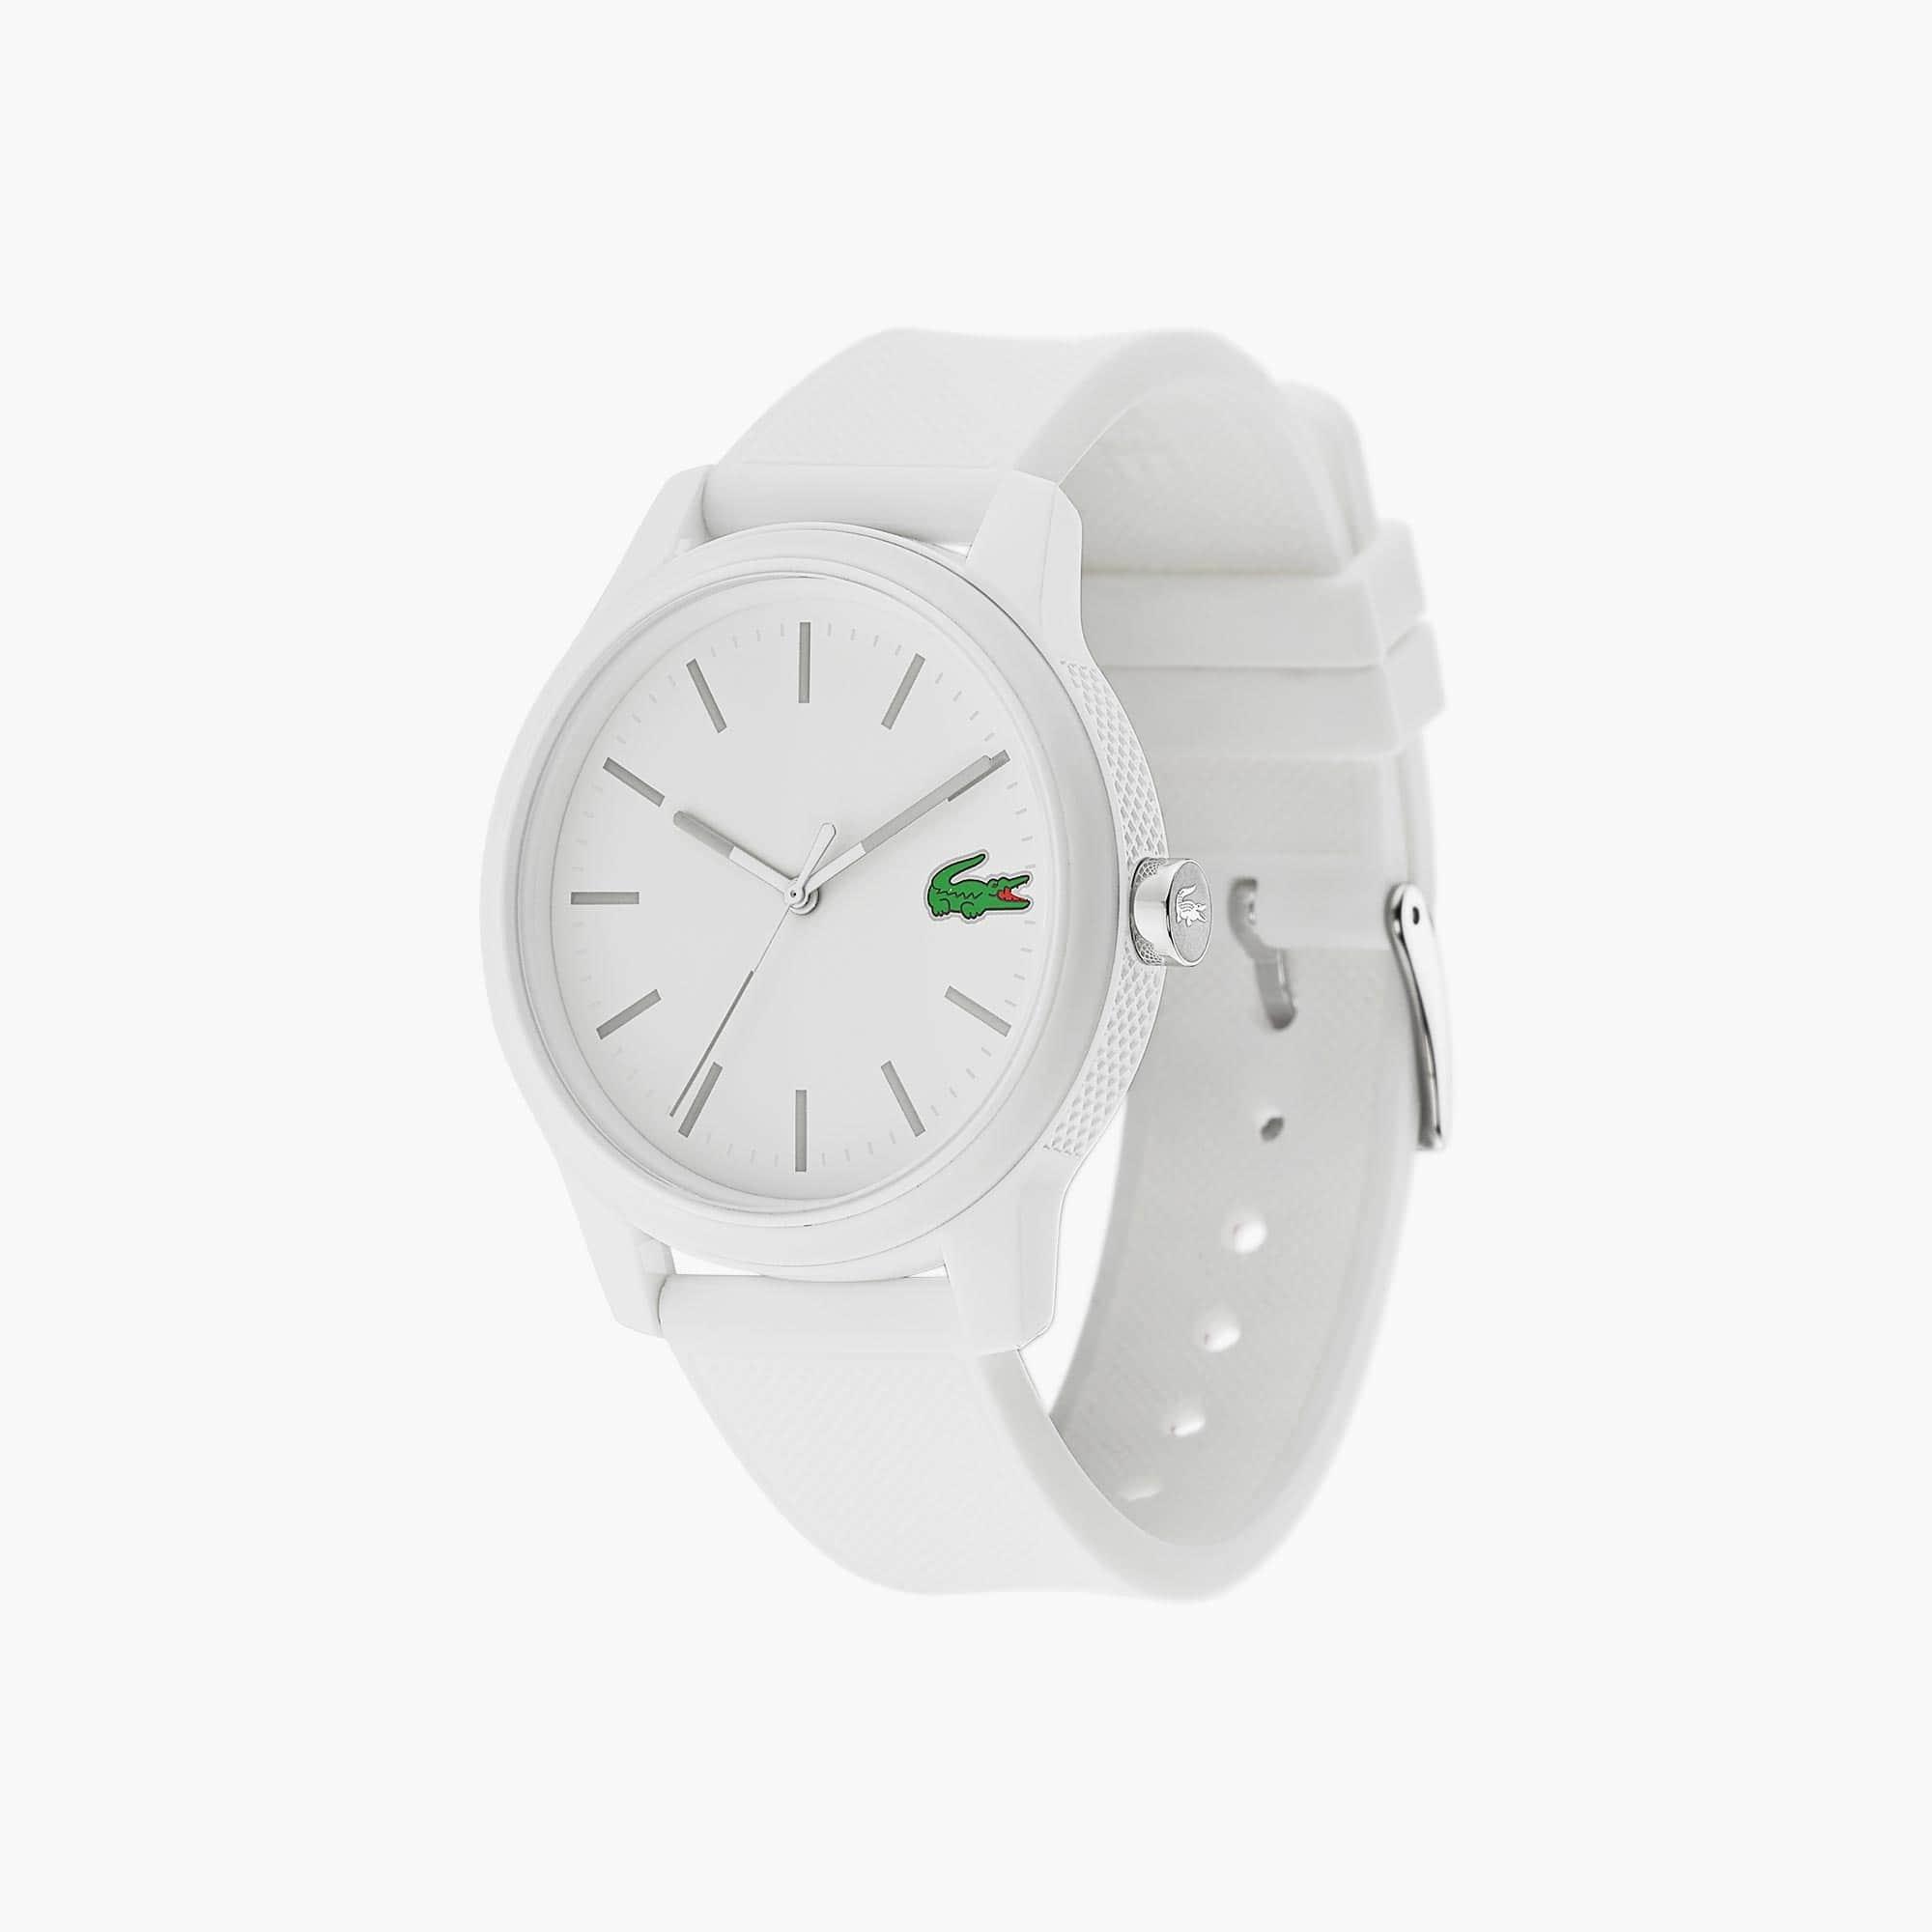 Reloj de Hombre Lacoste 12.12 con Correa de Silicona Blanca